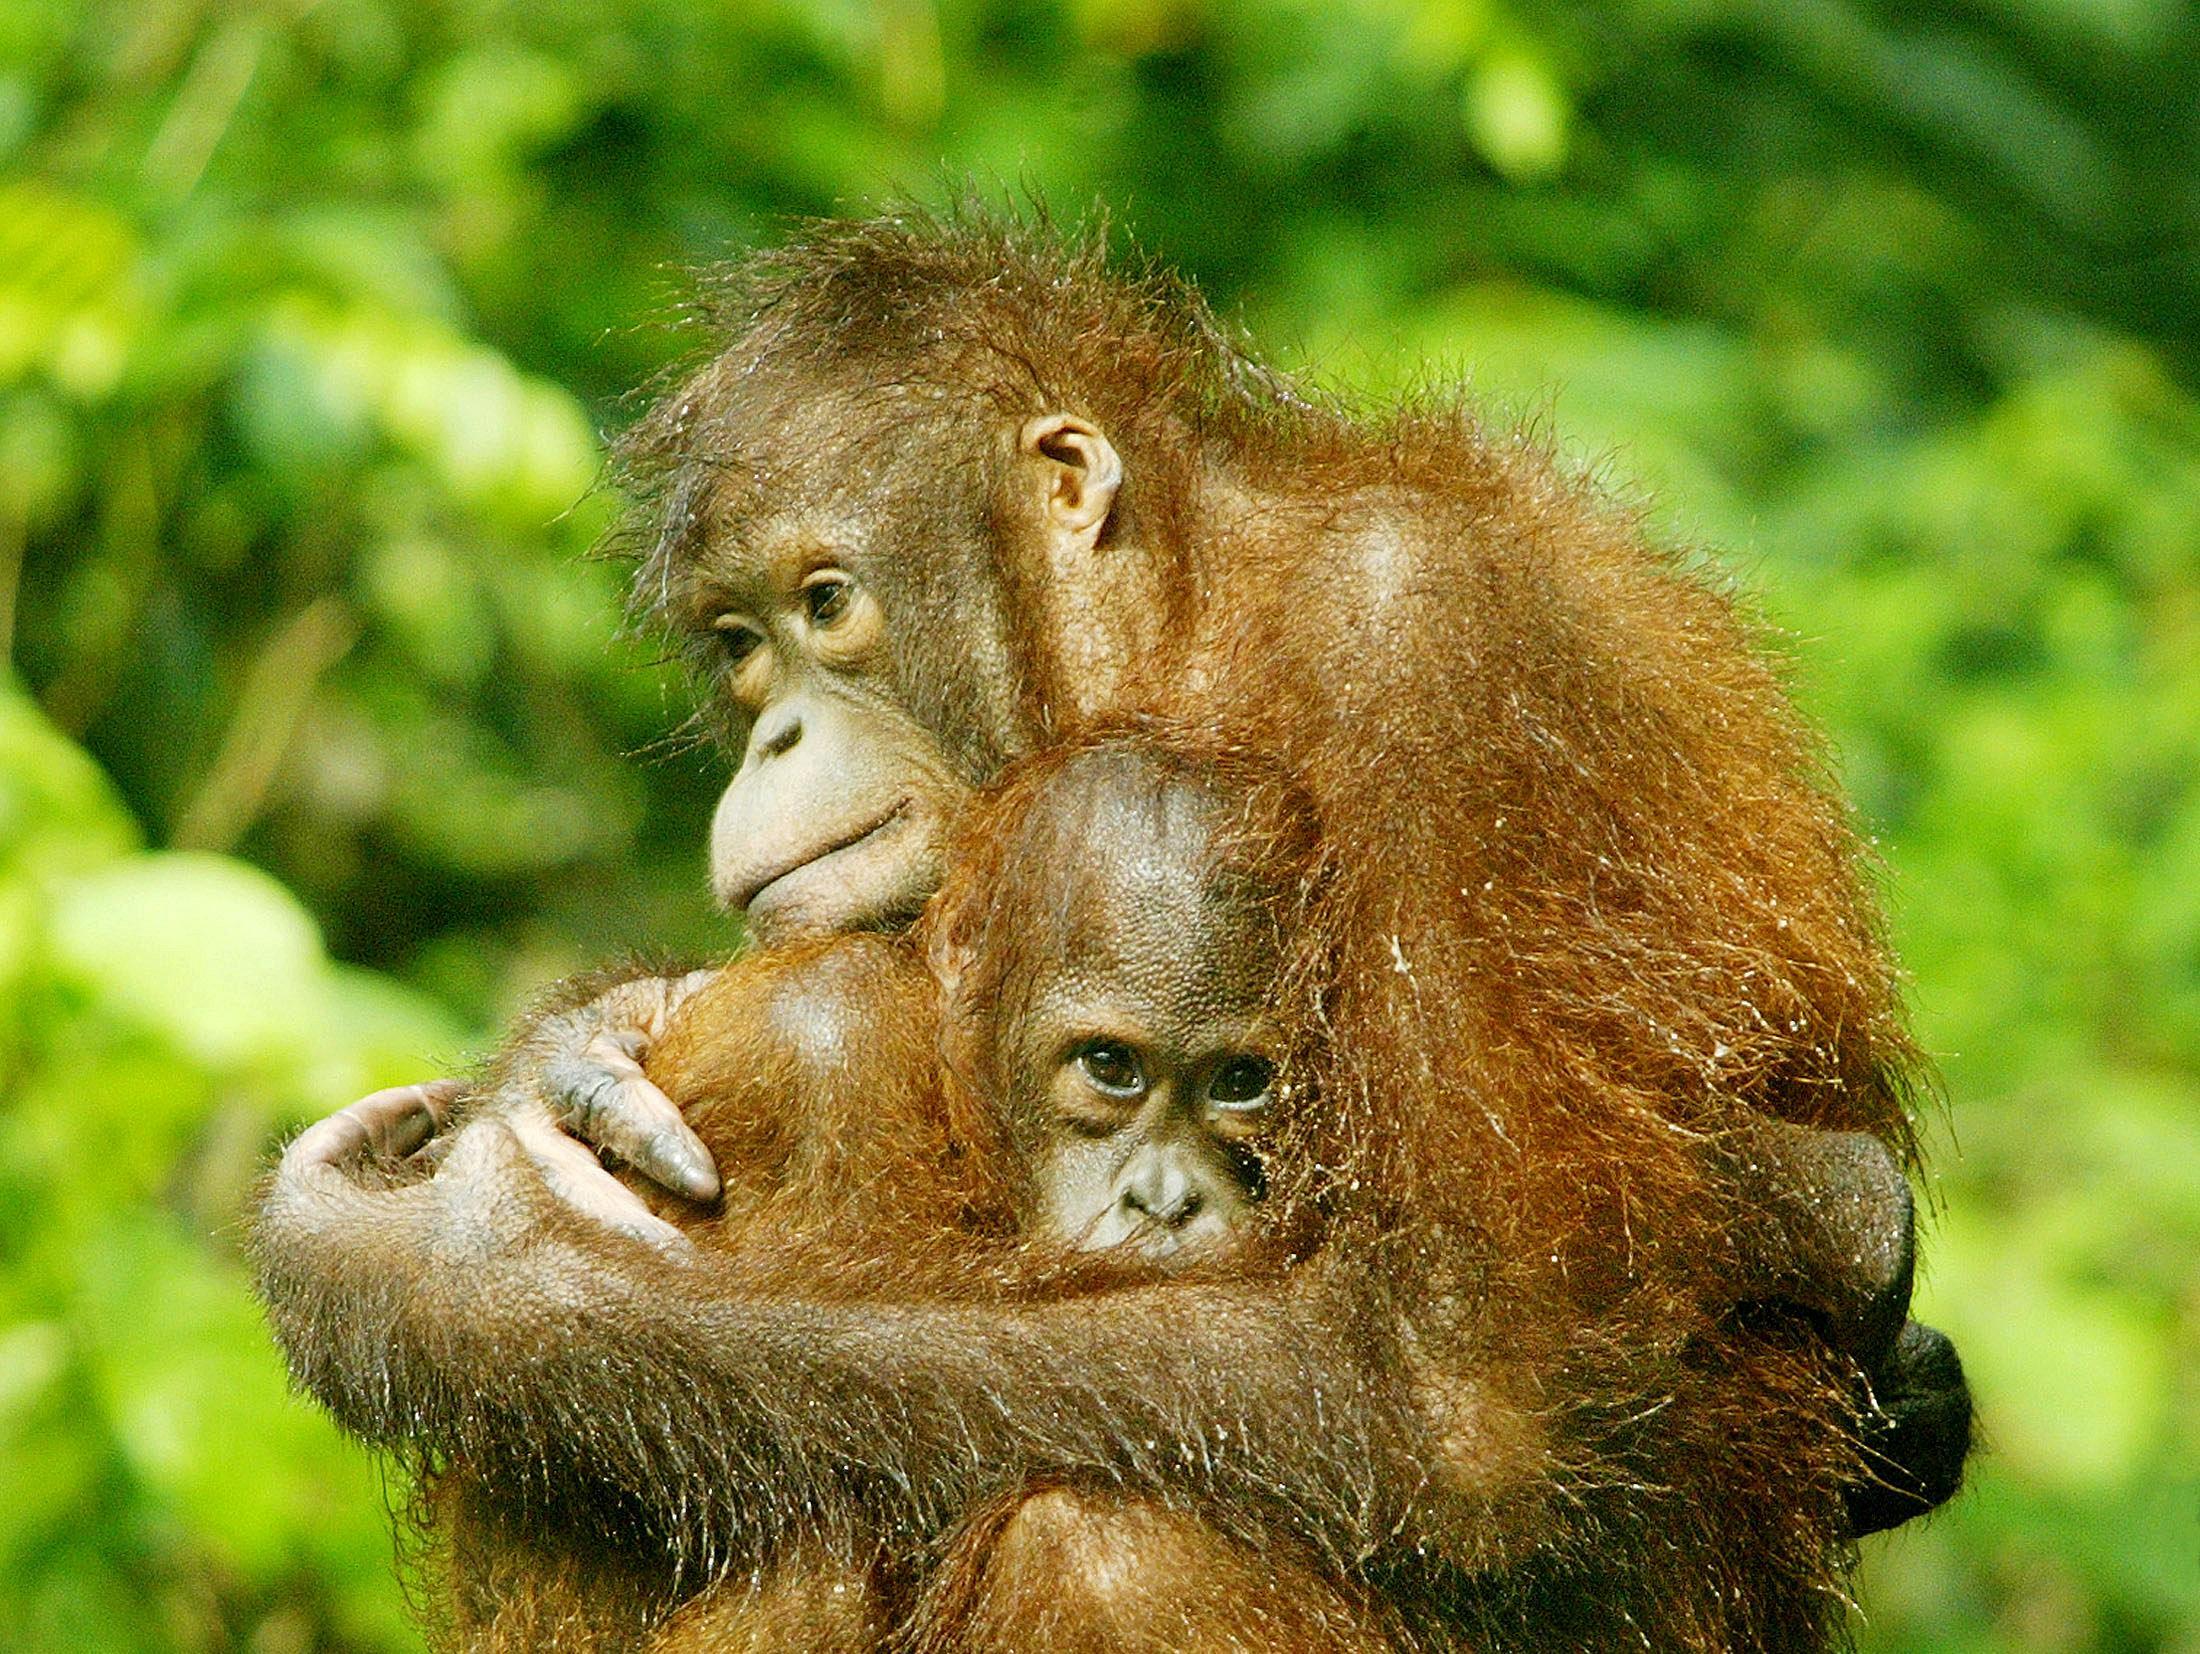 ירי המוני ועריפת ראש: כך מושמדת אוכלוסיית האורנגאוטנים